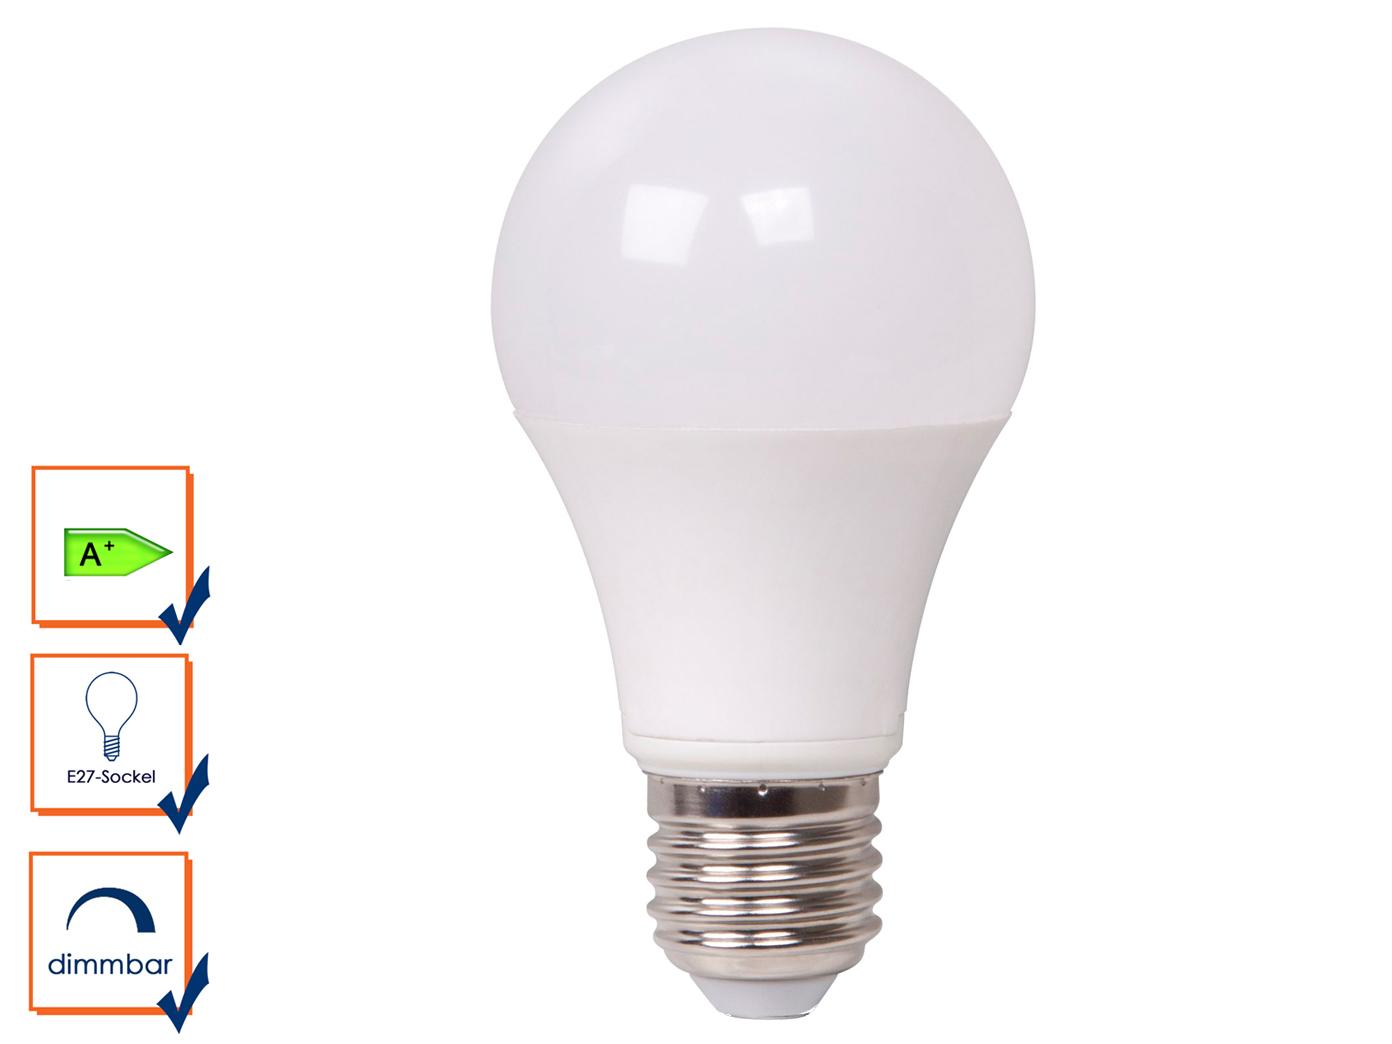 Led Beleuchtung Lumen | Led Beleuchtung 9 Watt 806 Lumen 2700 Kelvin E27 Sockel